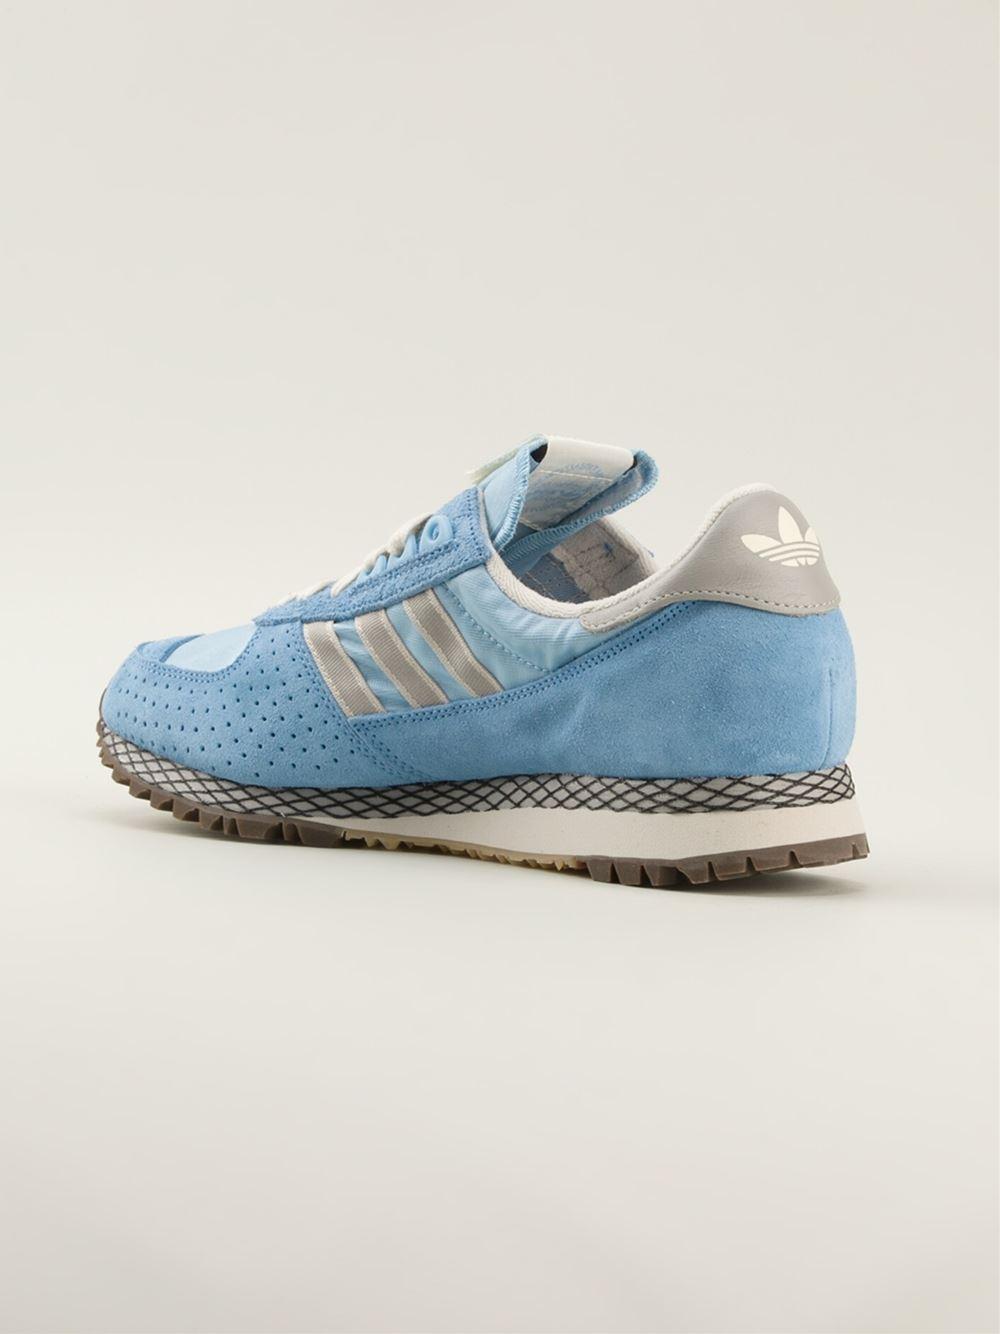 'City Marathon' Sneakers